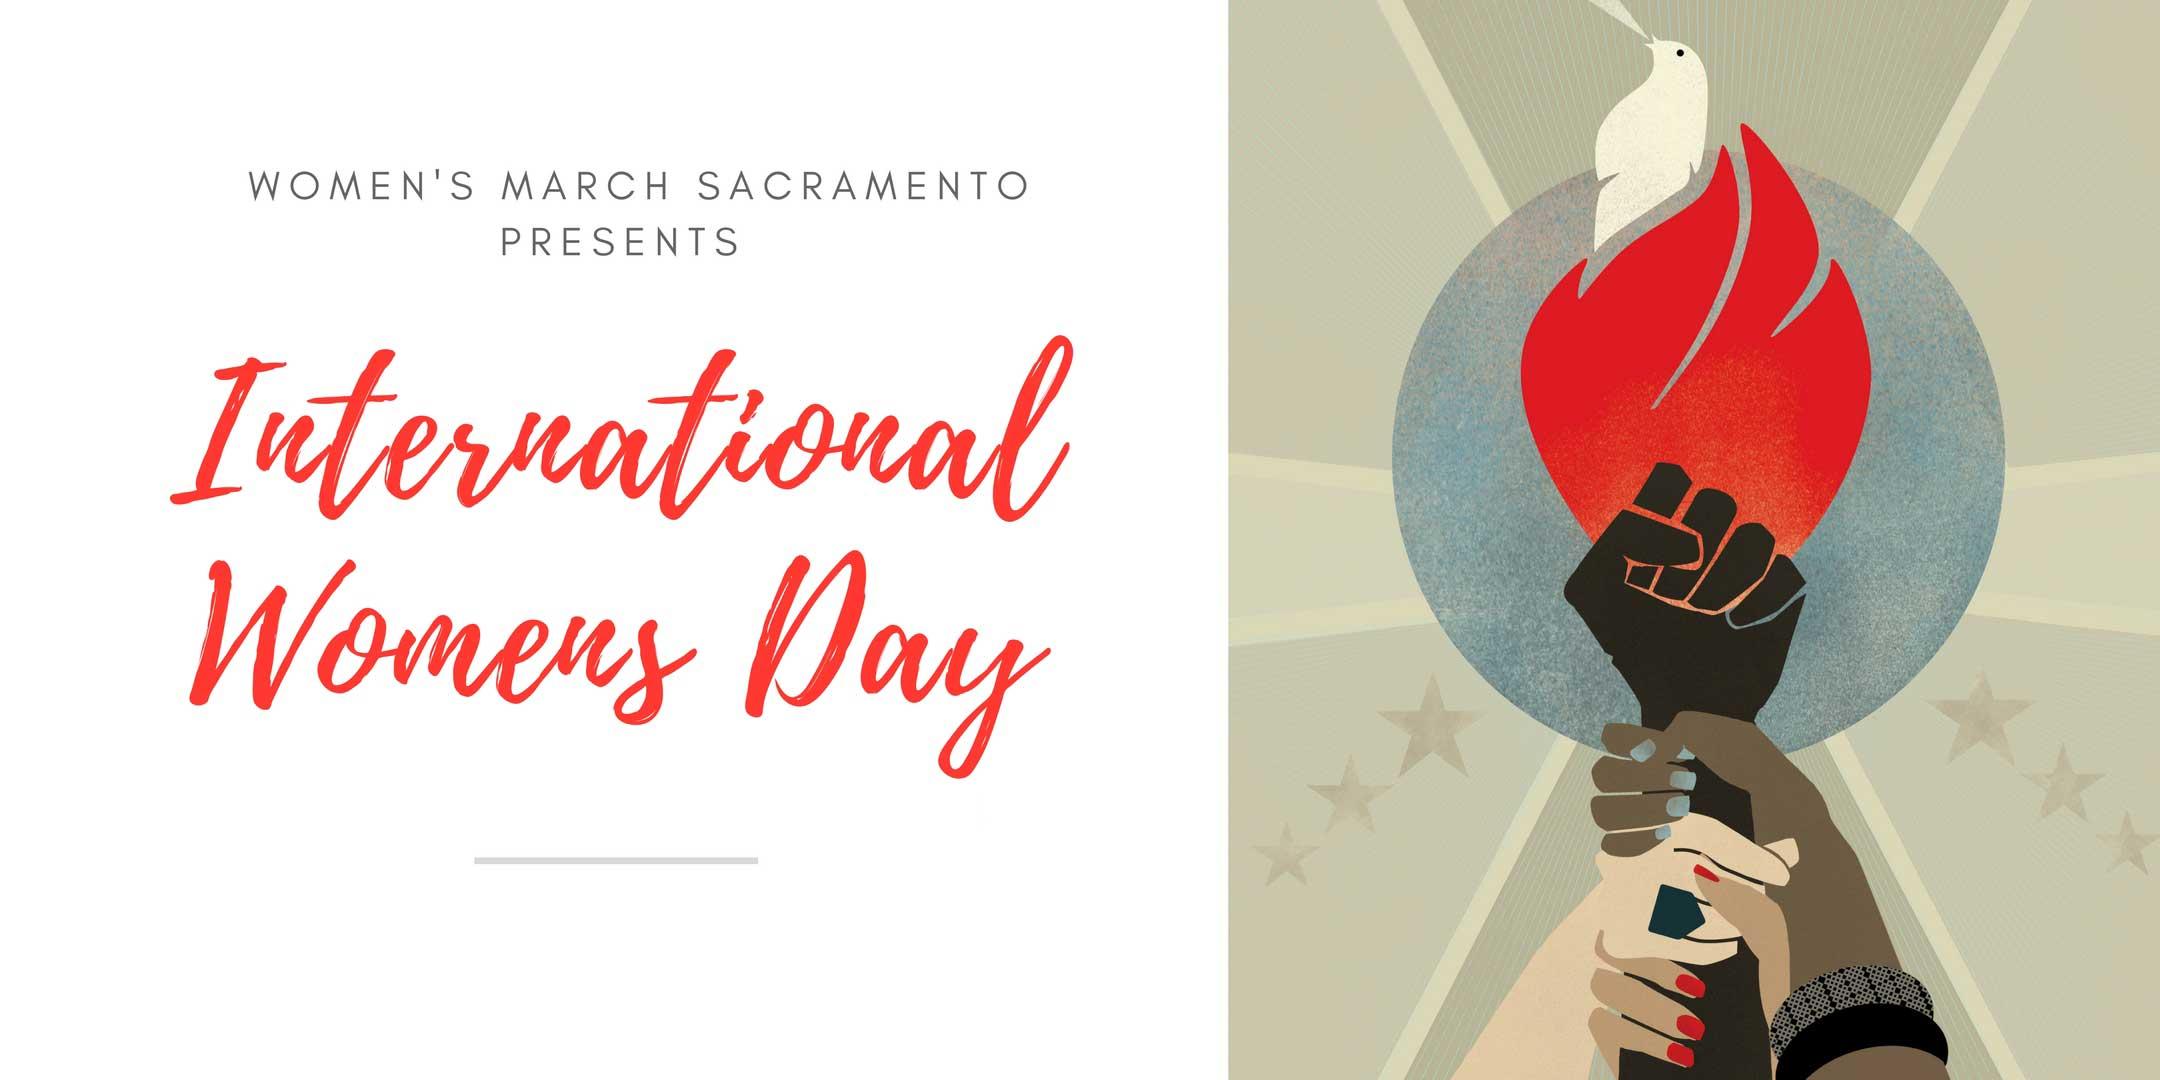 womens-march-sacramento-international-womens-day-mixer.jpg